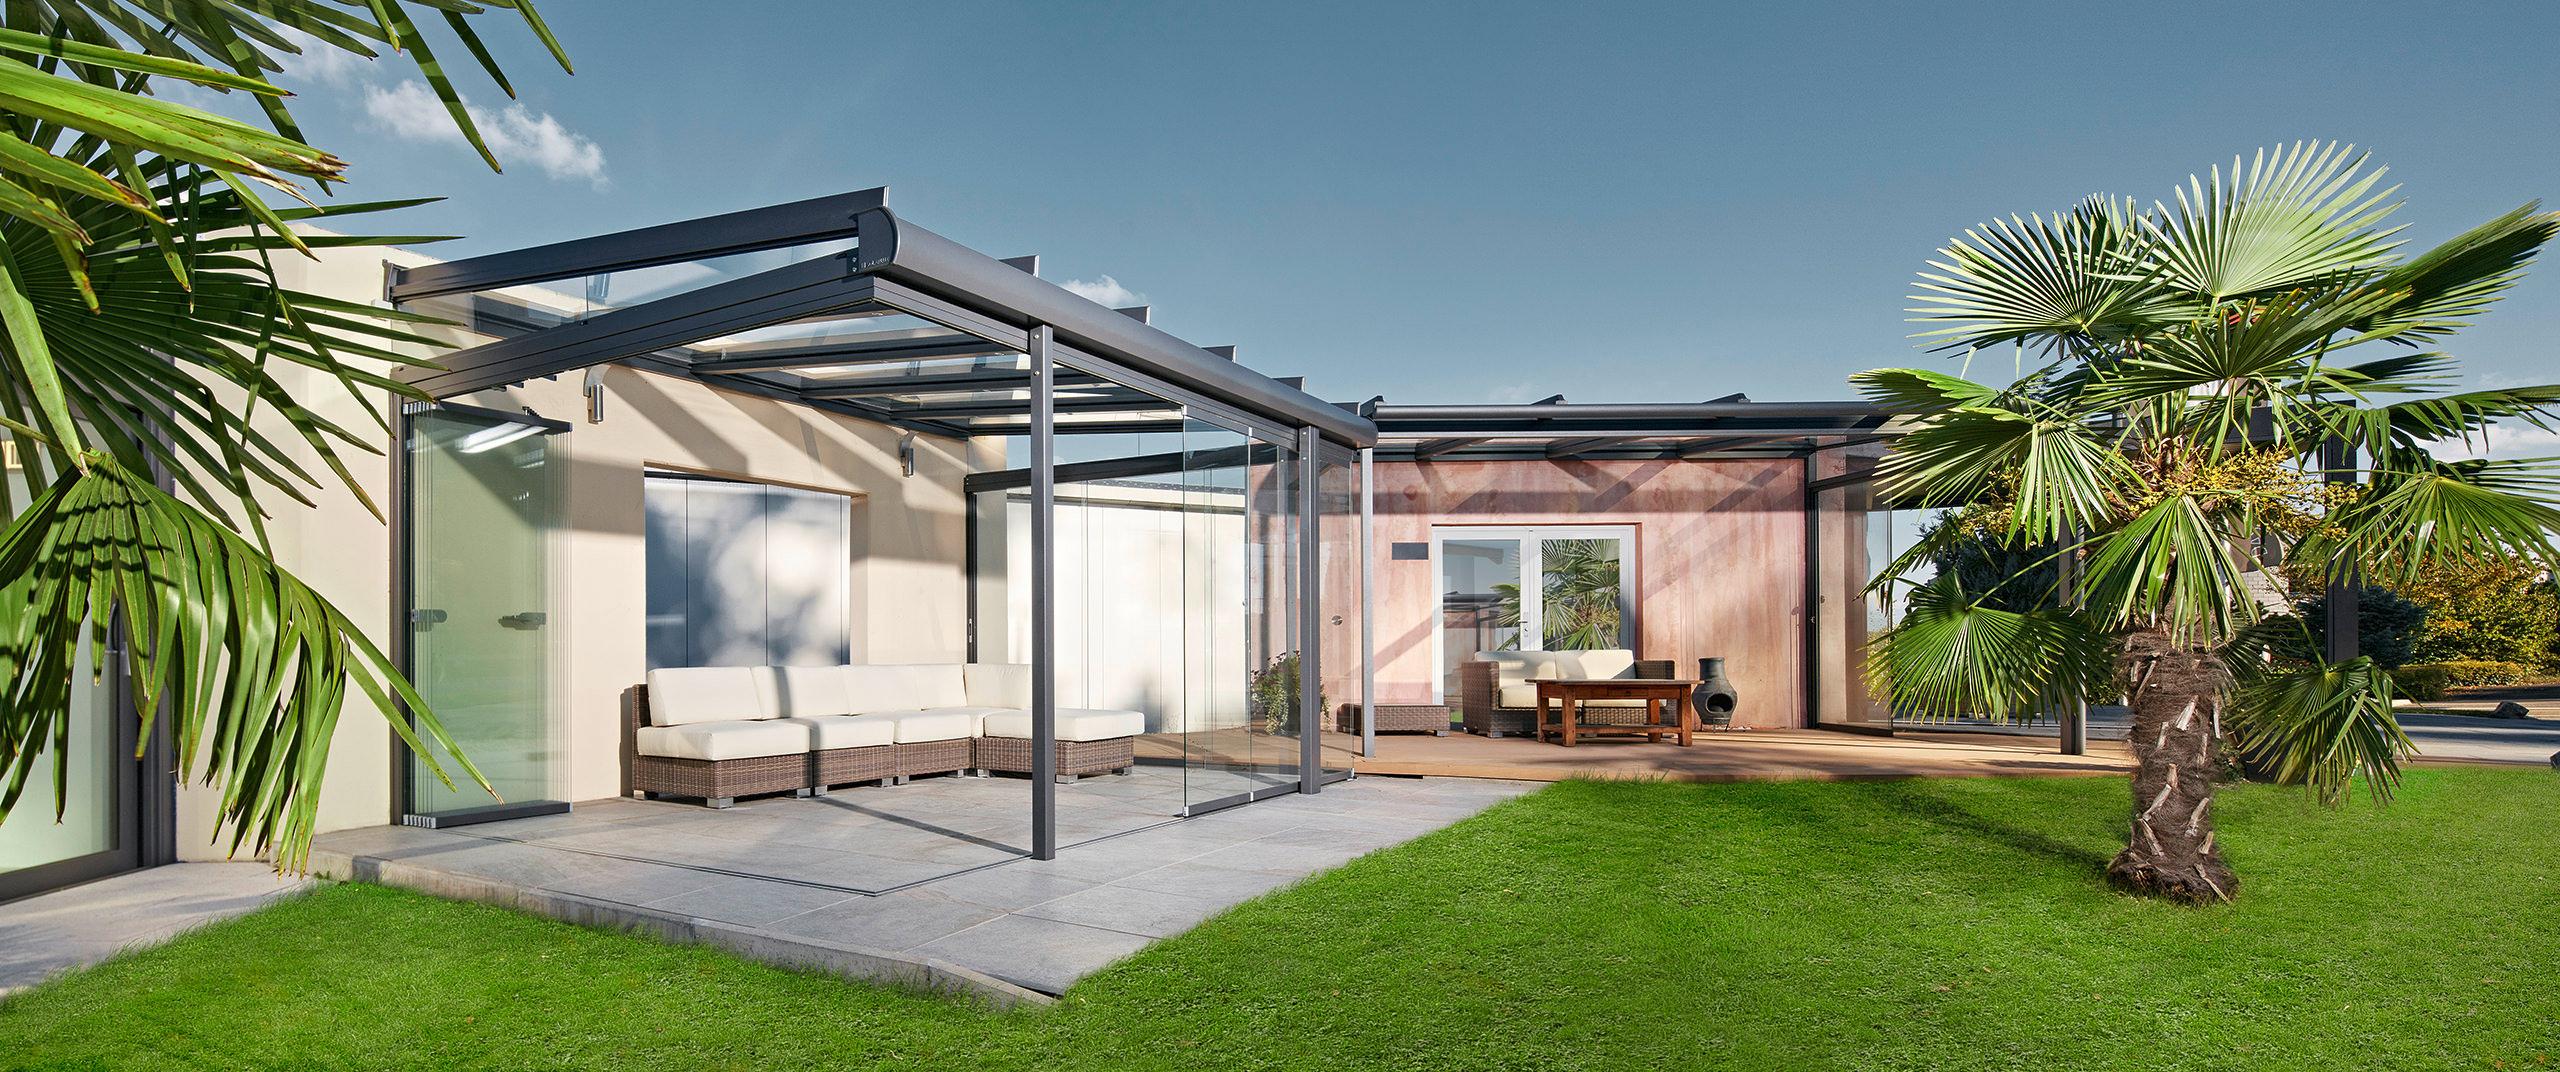 sitzplatz berdachung ein glasdach l sst sich perfekt an bestehende geb ude anbauen. Black Bedroom Furniture Sets. Home Design Ideas